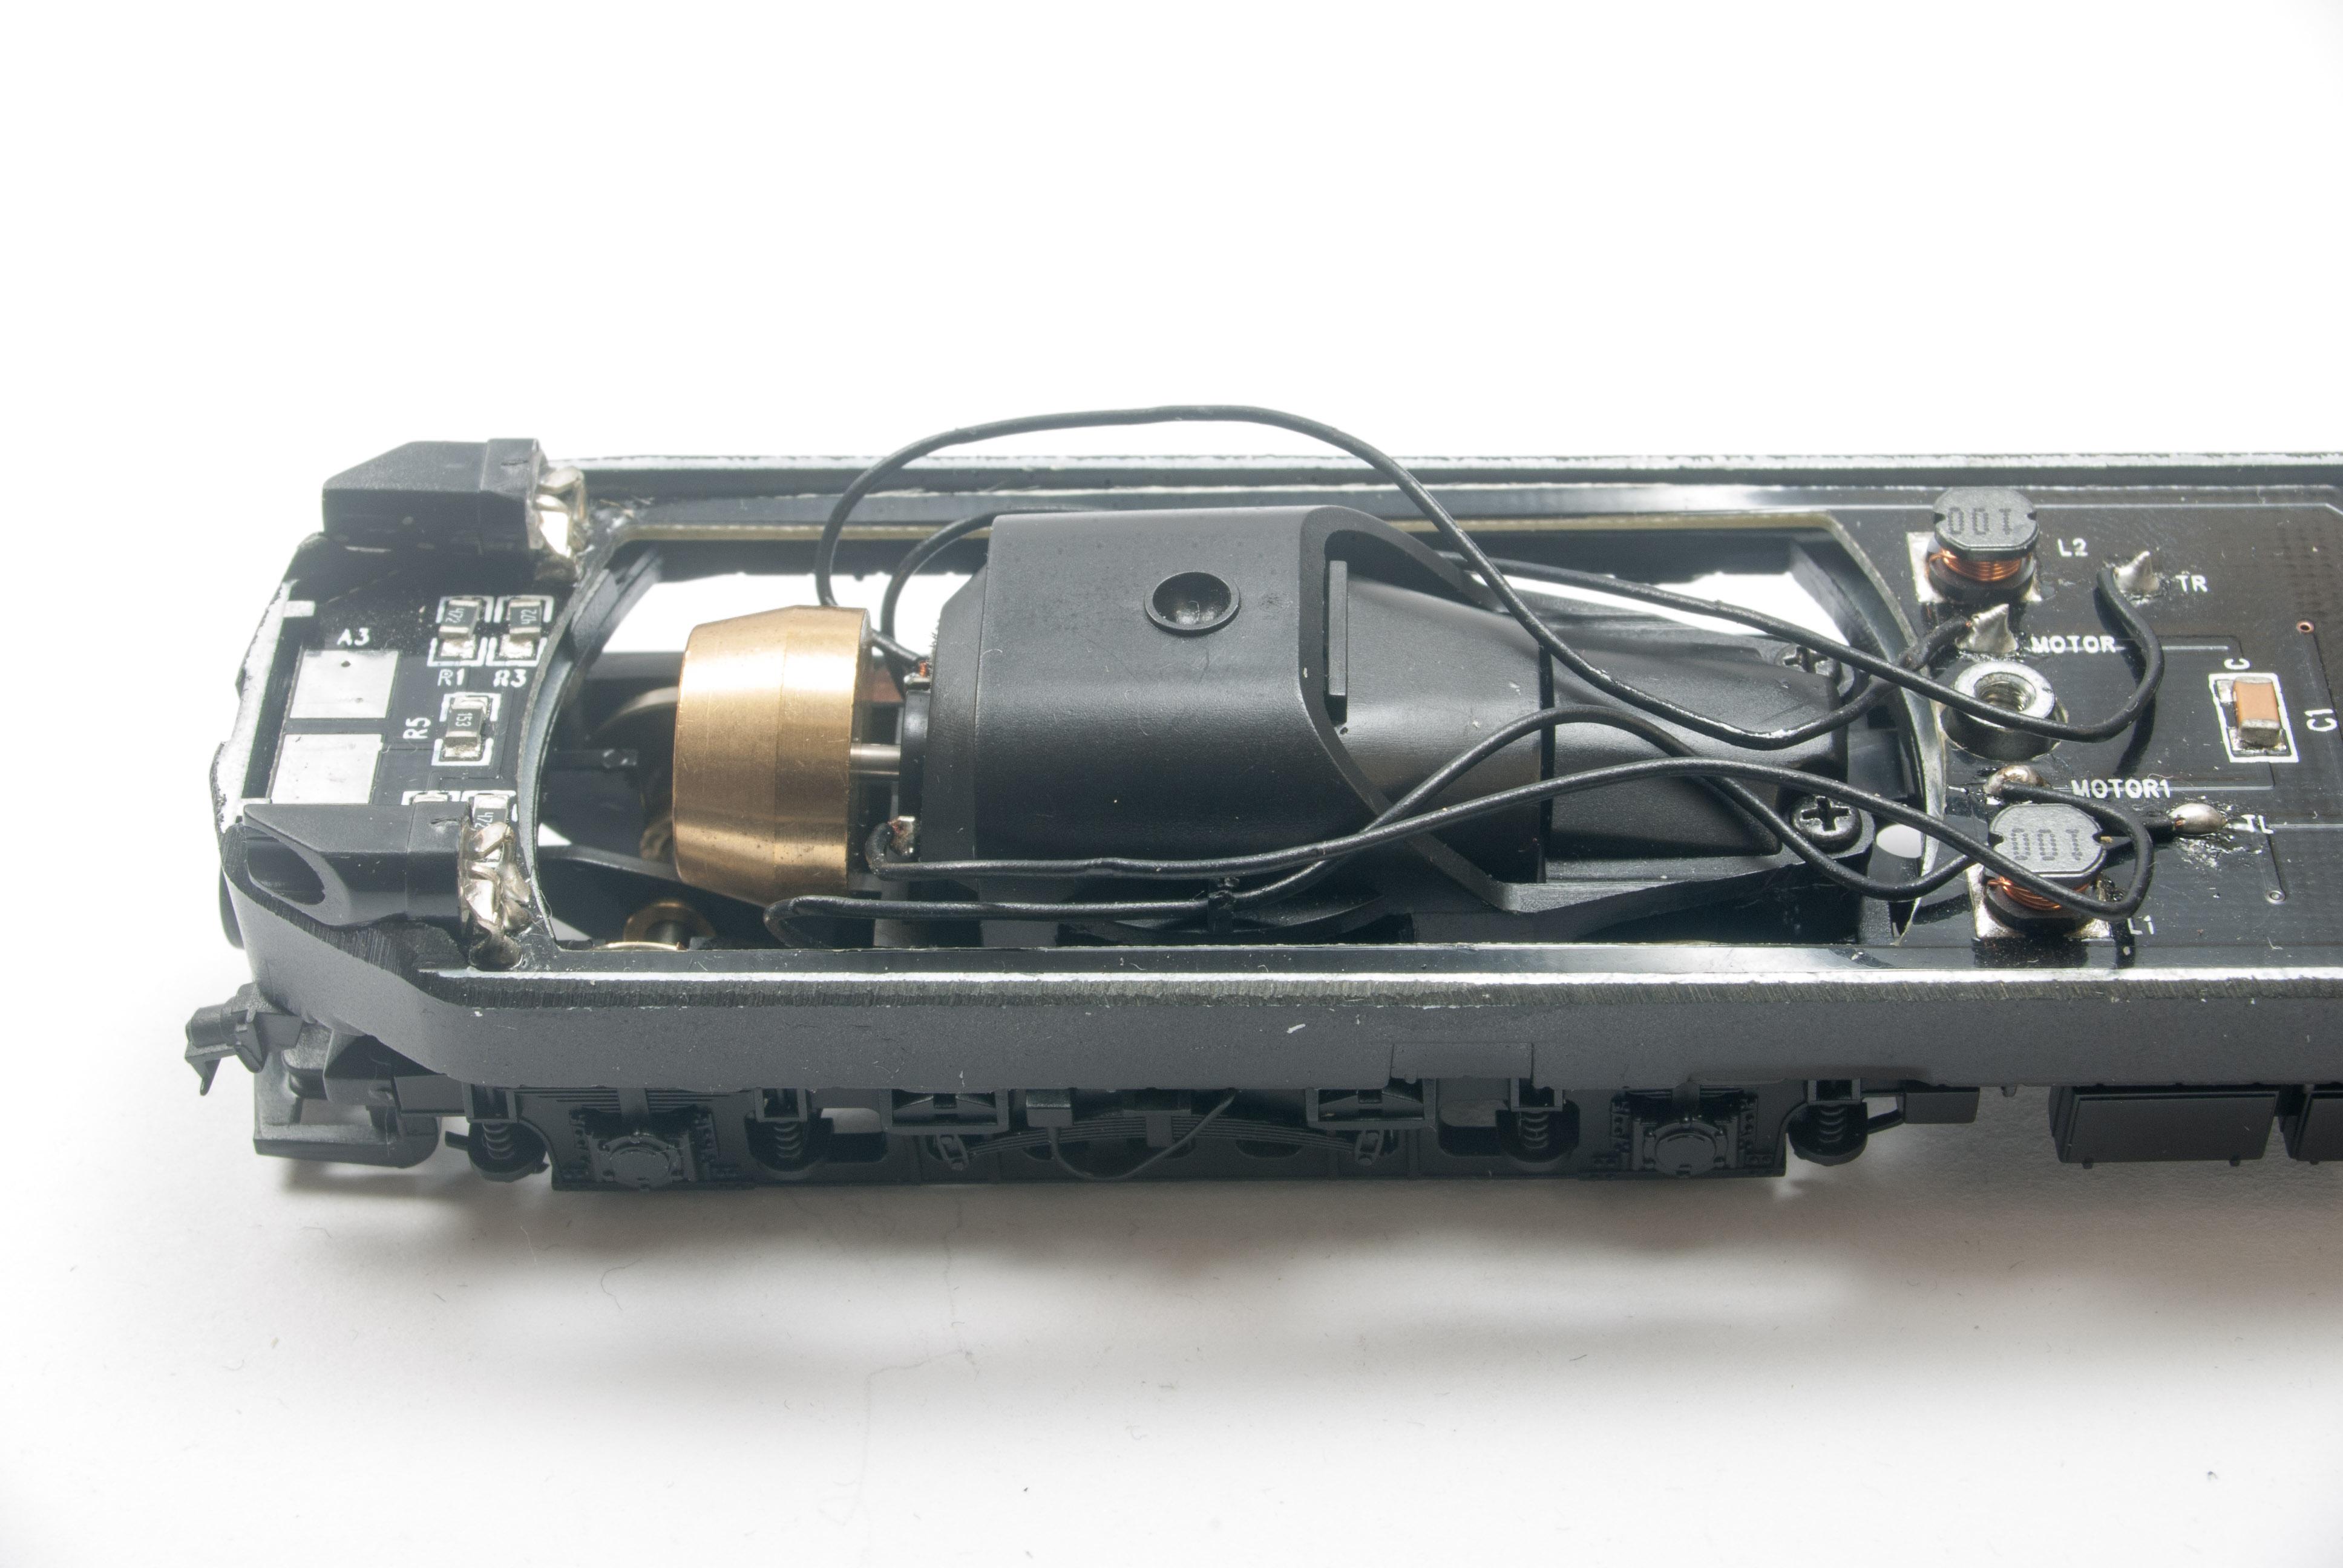 Drehgestell mit dem originalen, schräg eingebautem, einachsigen Antrieb.